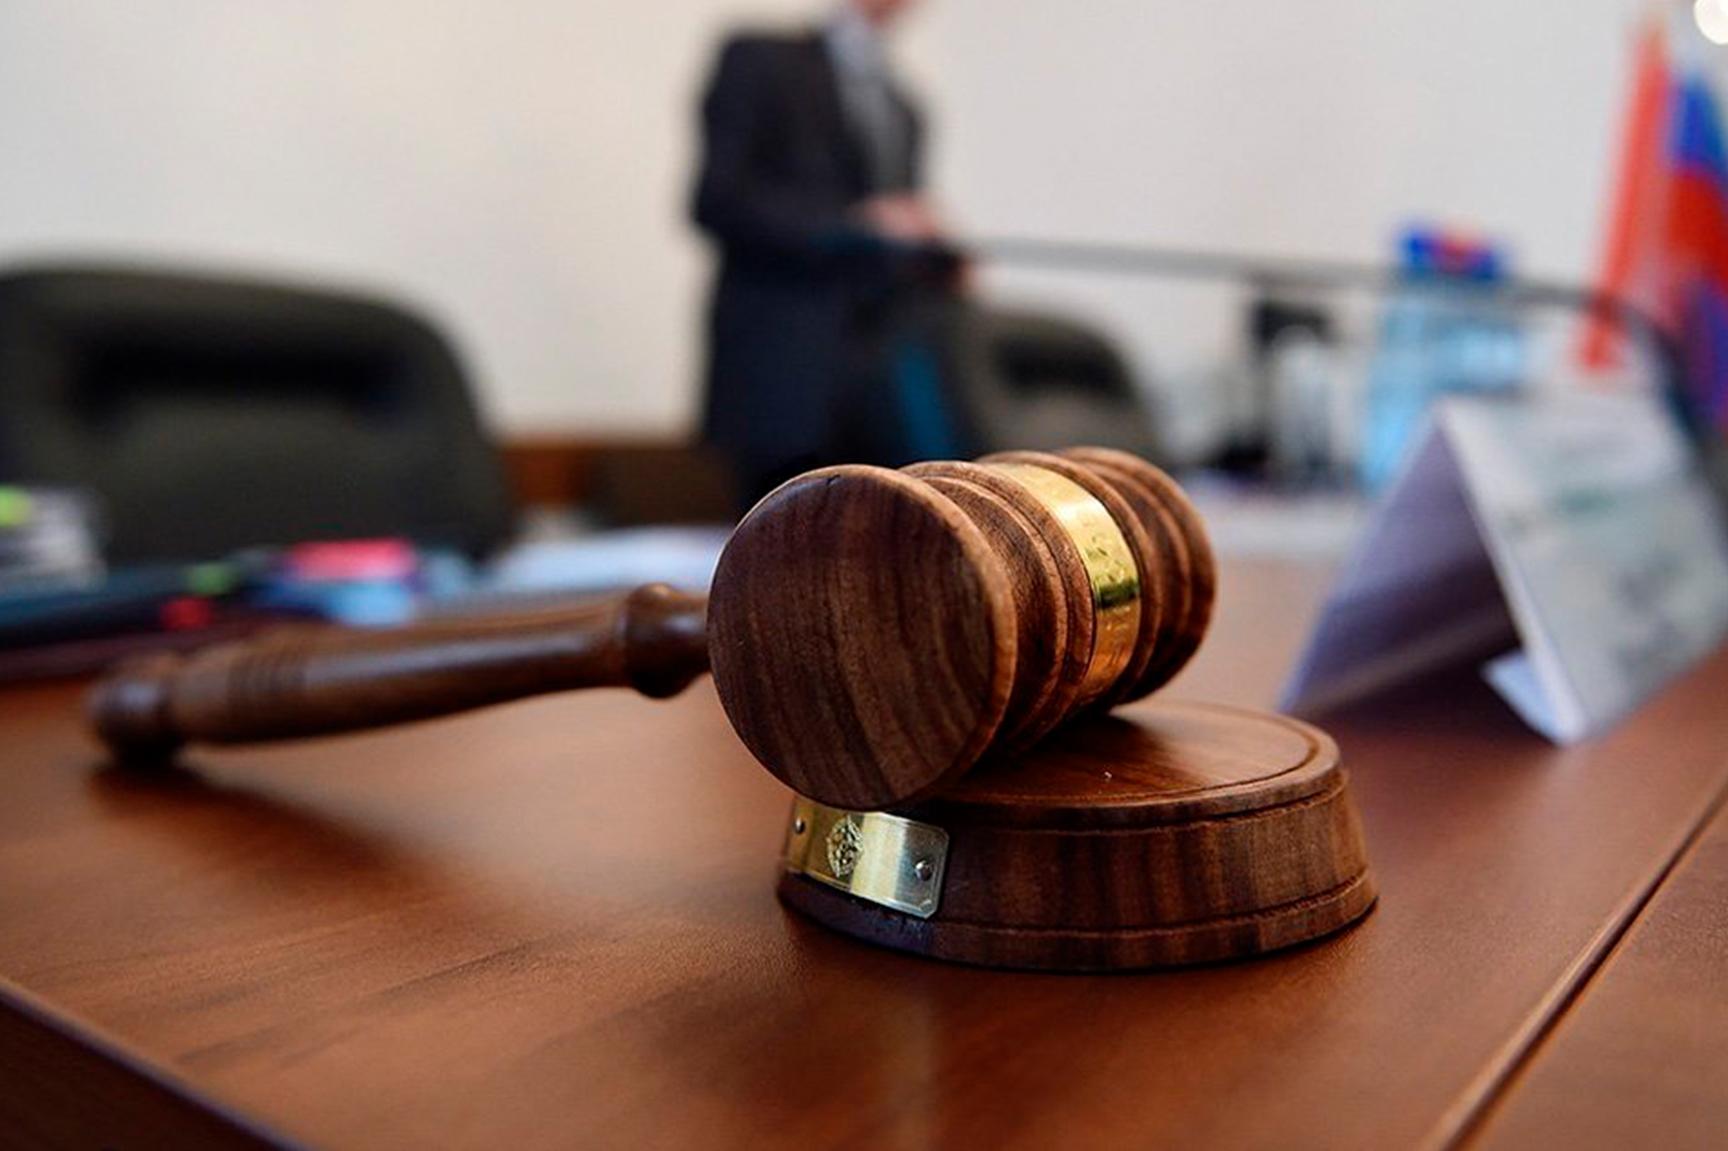 Избил, ограбил, но не сел: житель Тверской области отделался «условкой»